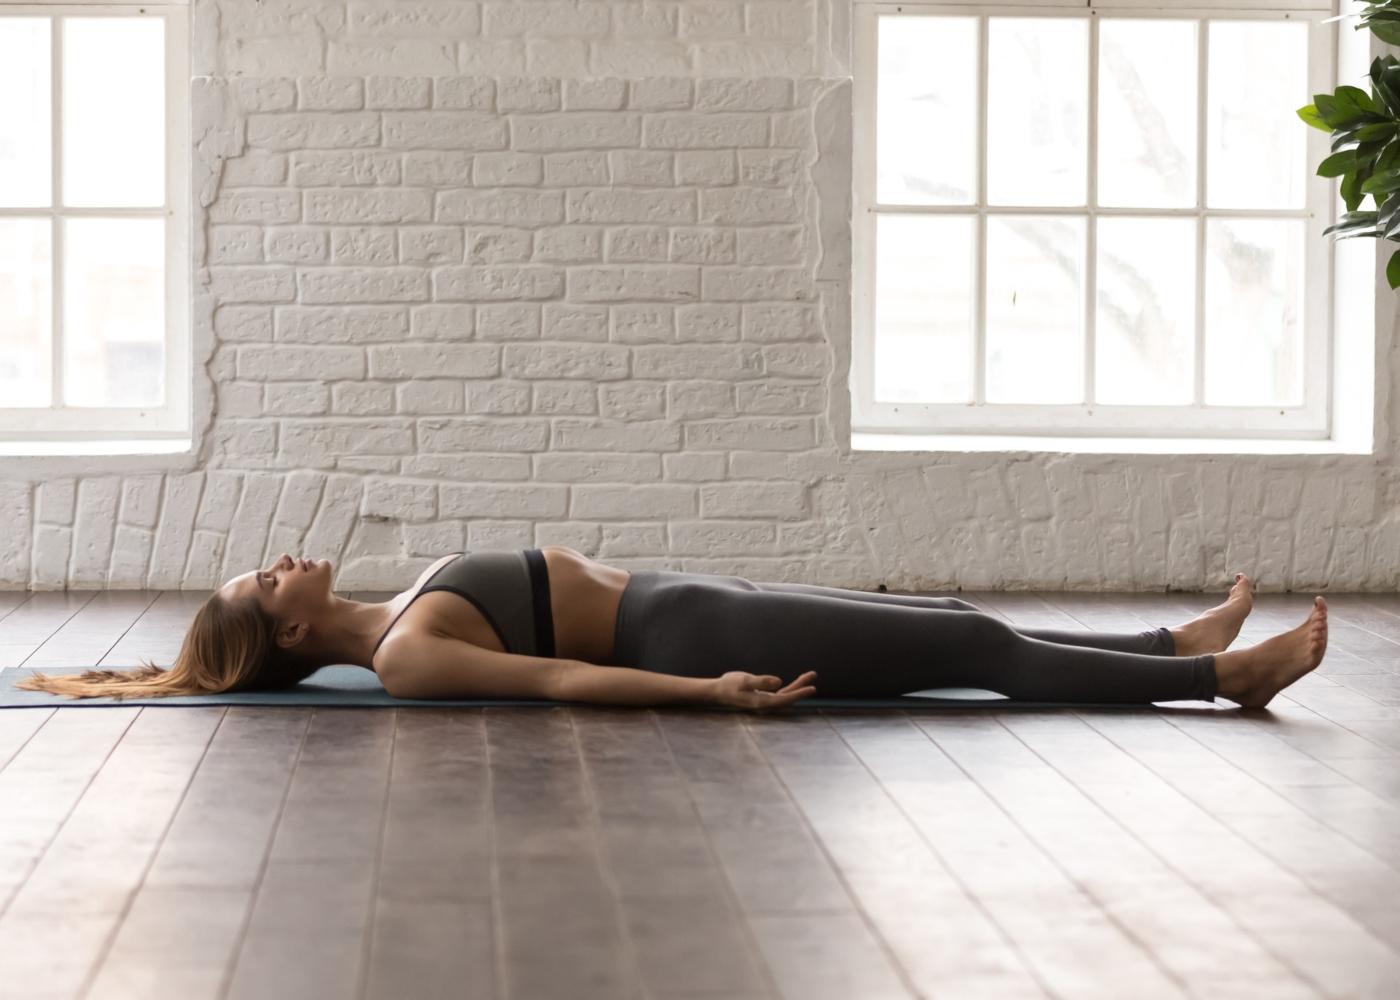 mulher deitada no tapete a praticar exercícios de respiração